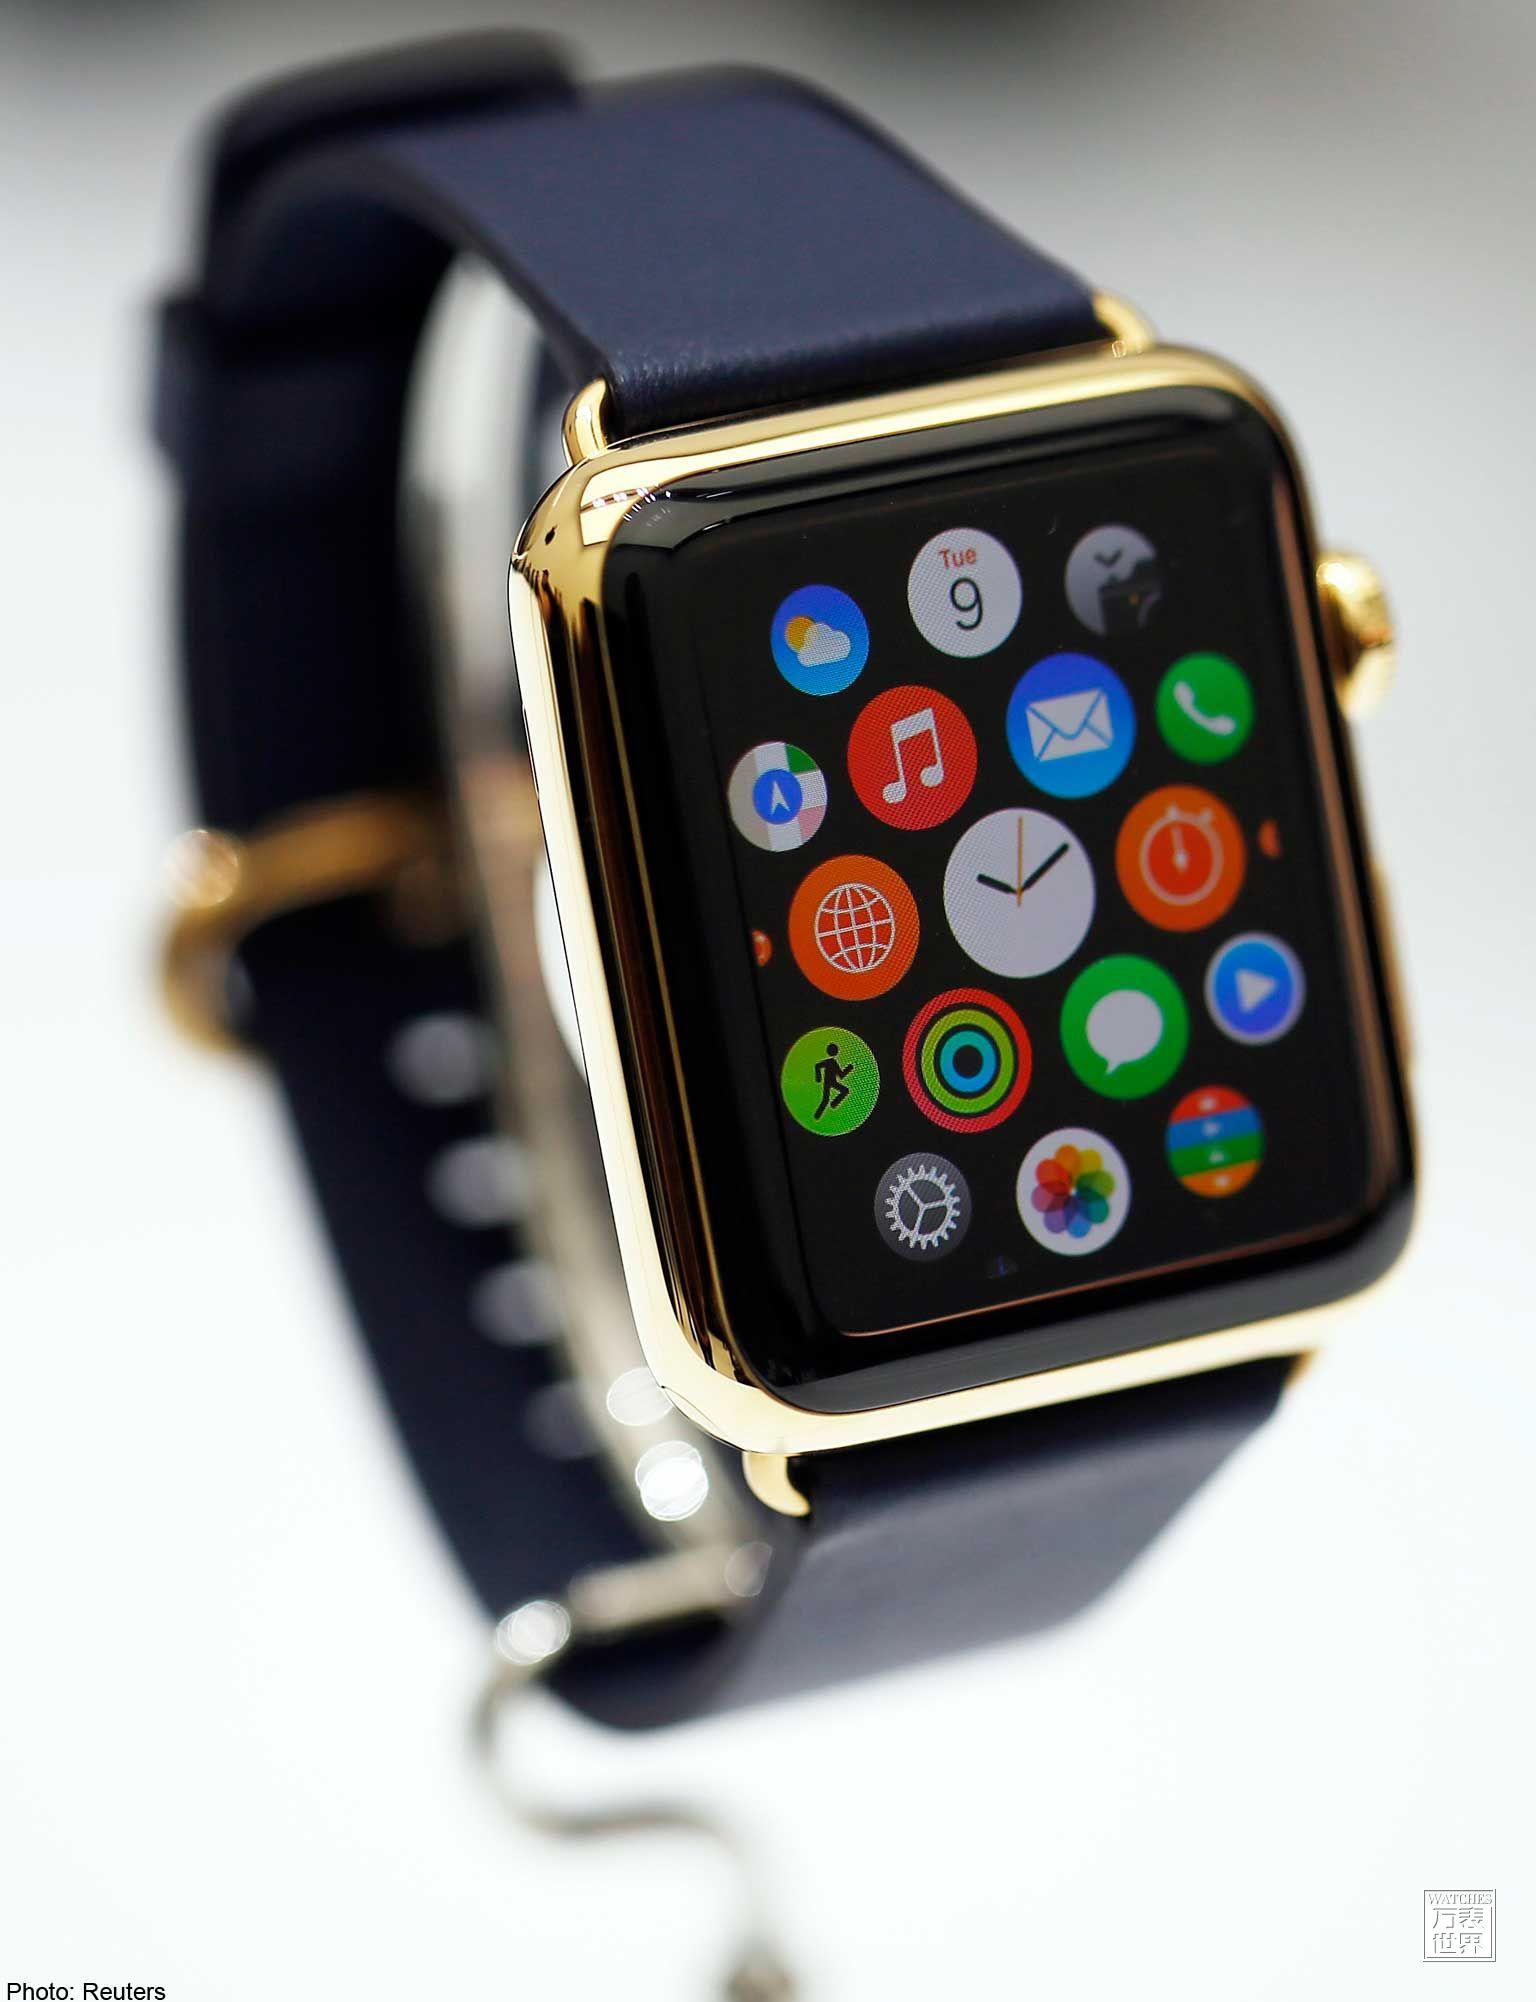 智能手表手机大全,智能手表手机品牌排行